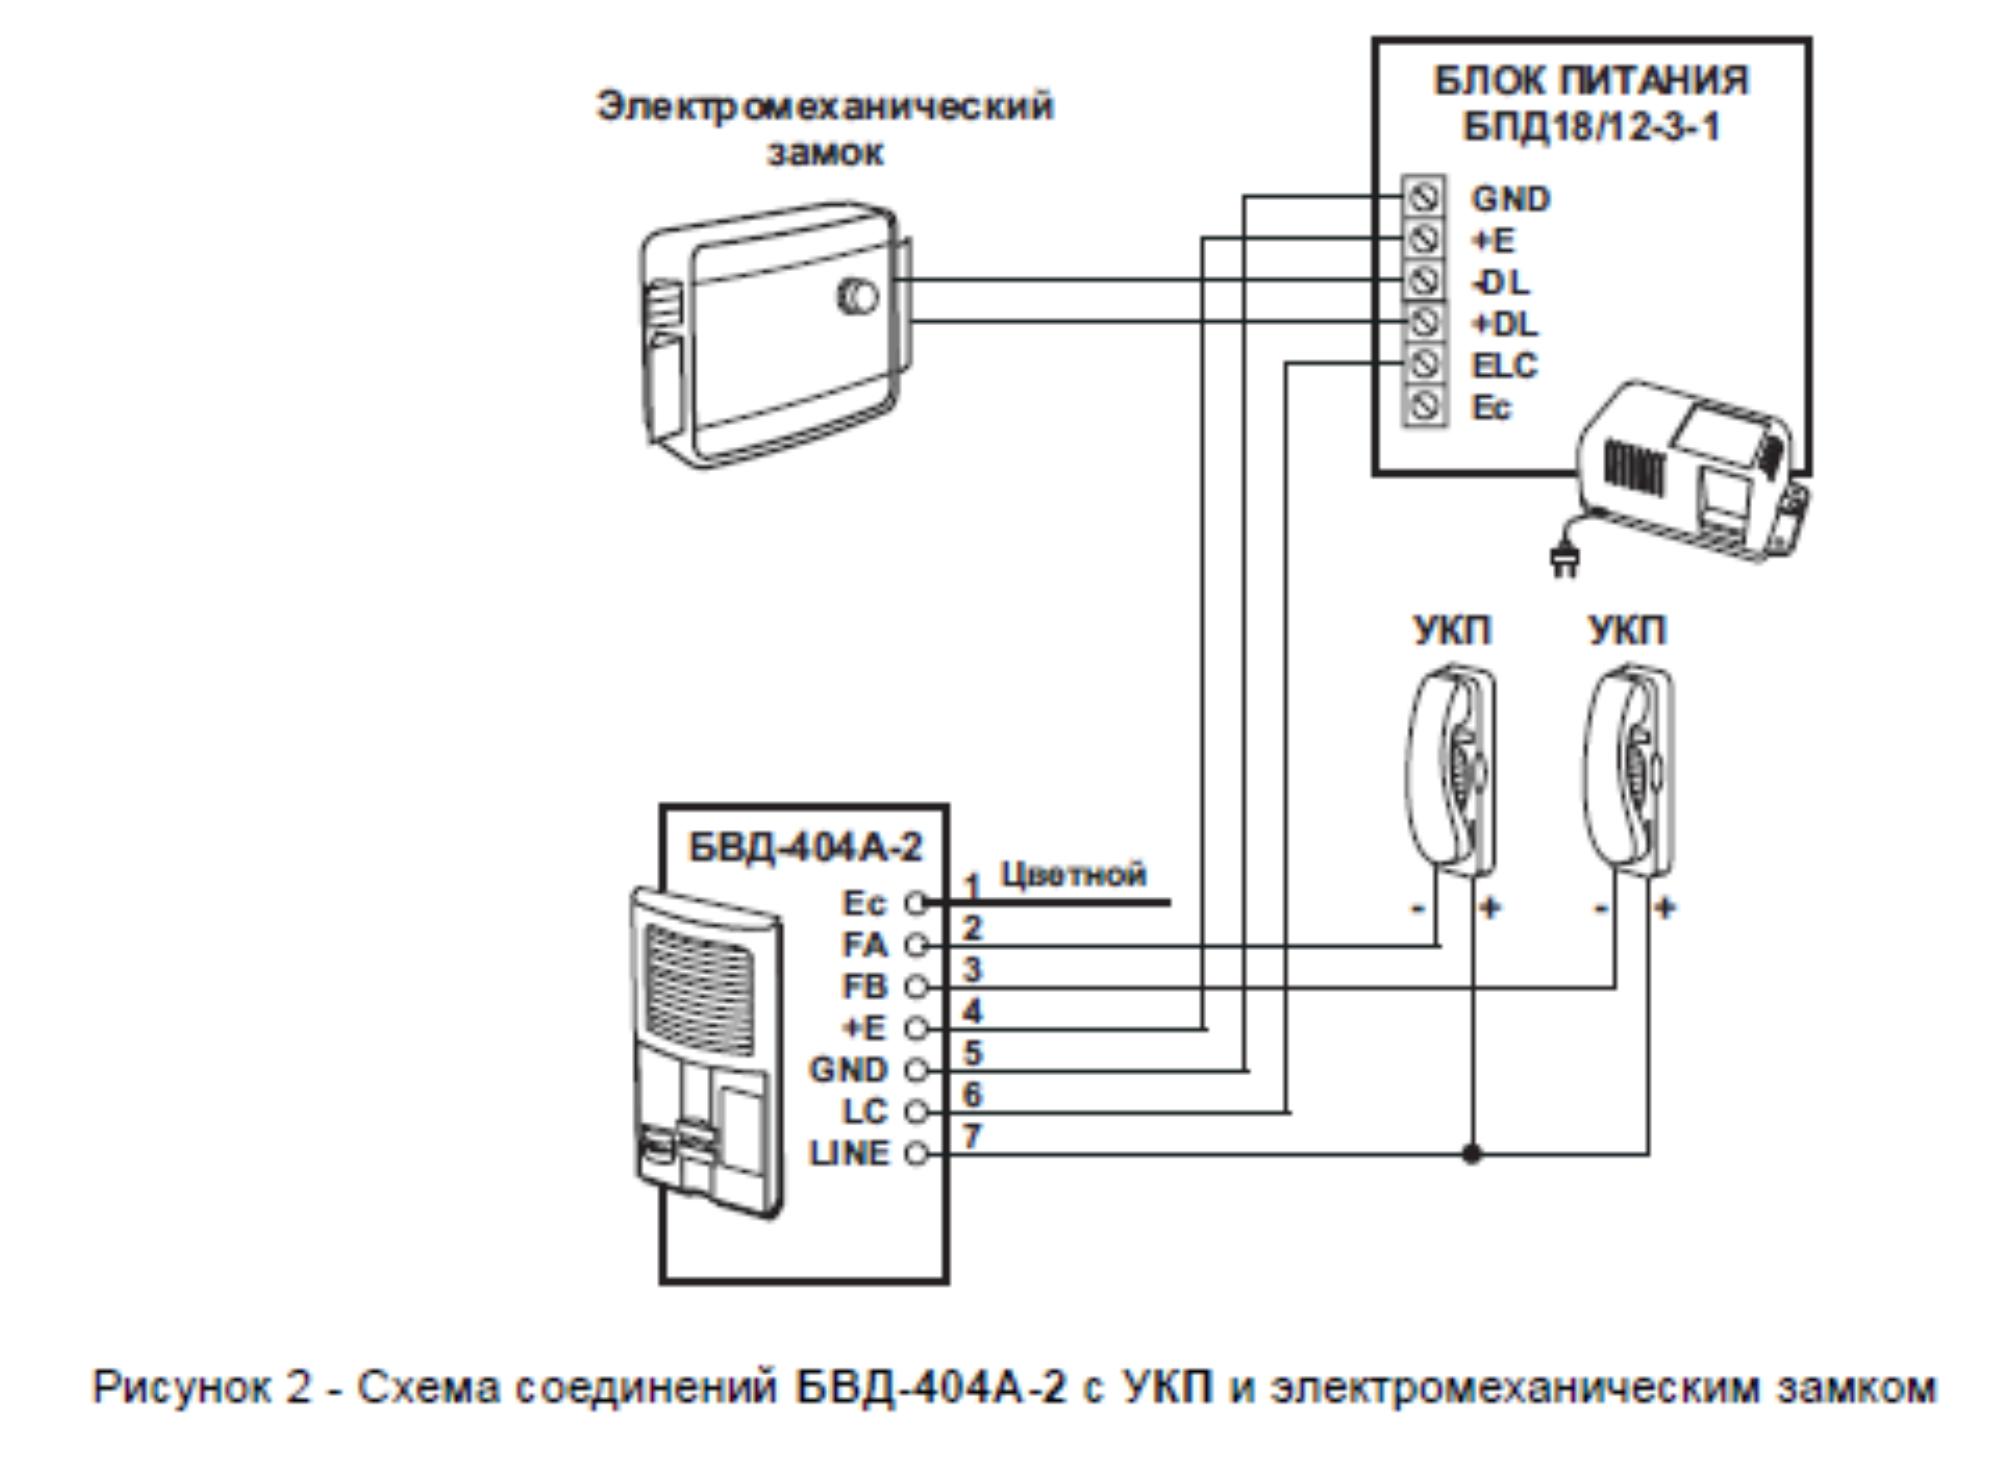 Схема подключения вызывной панели к электромагнитному замку